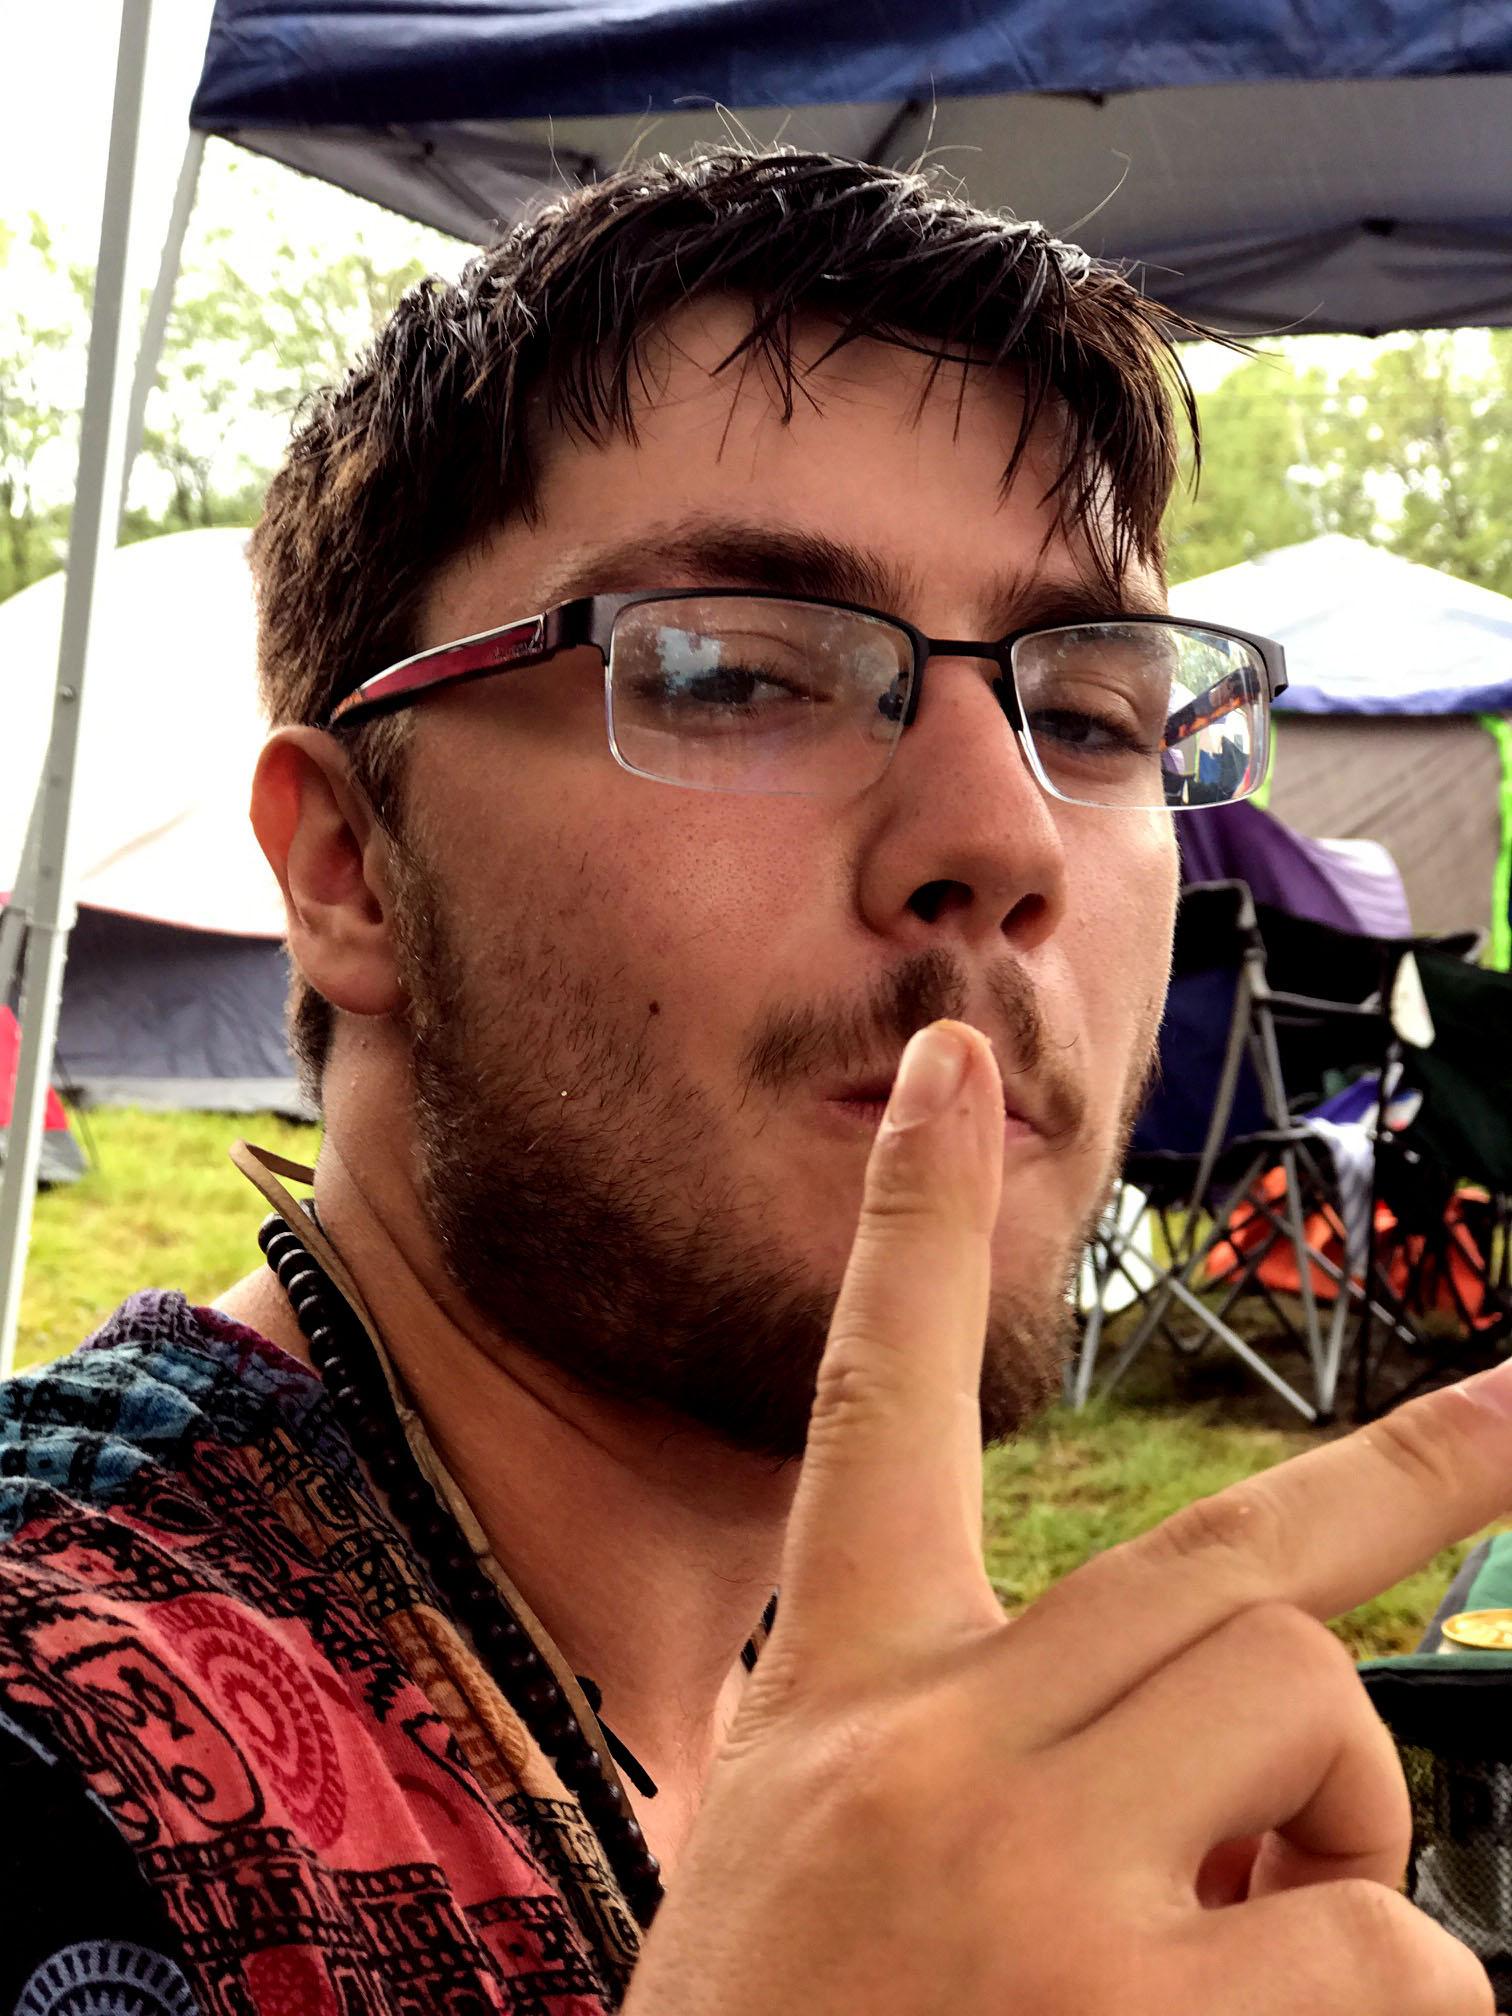 guy posing for camera.jpg